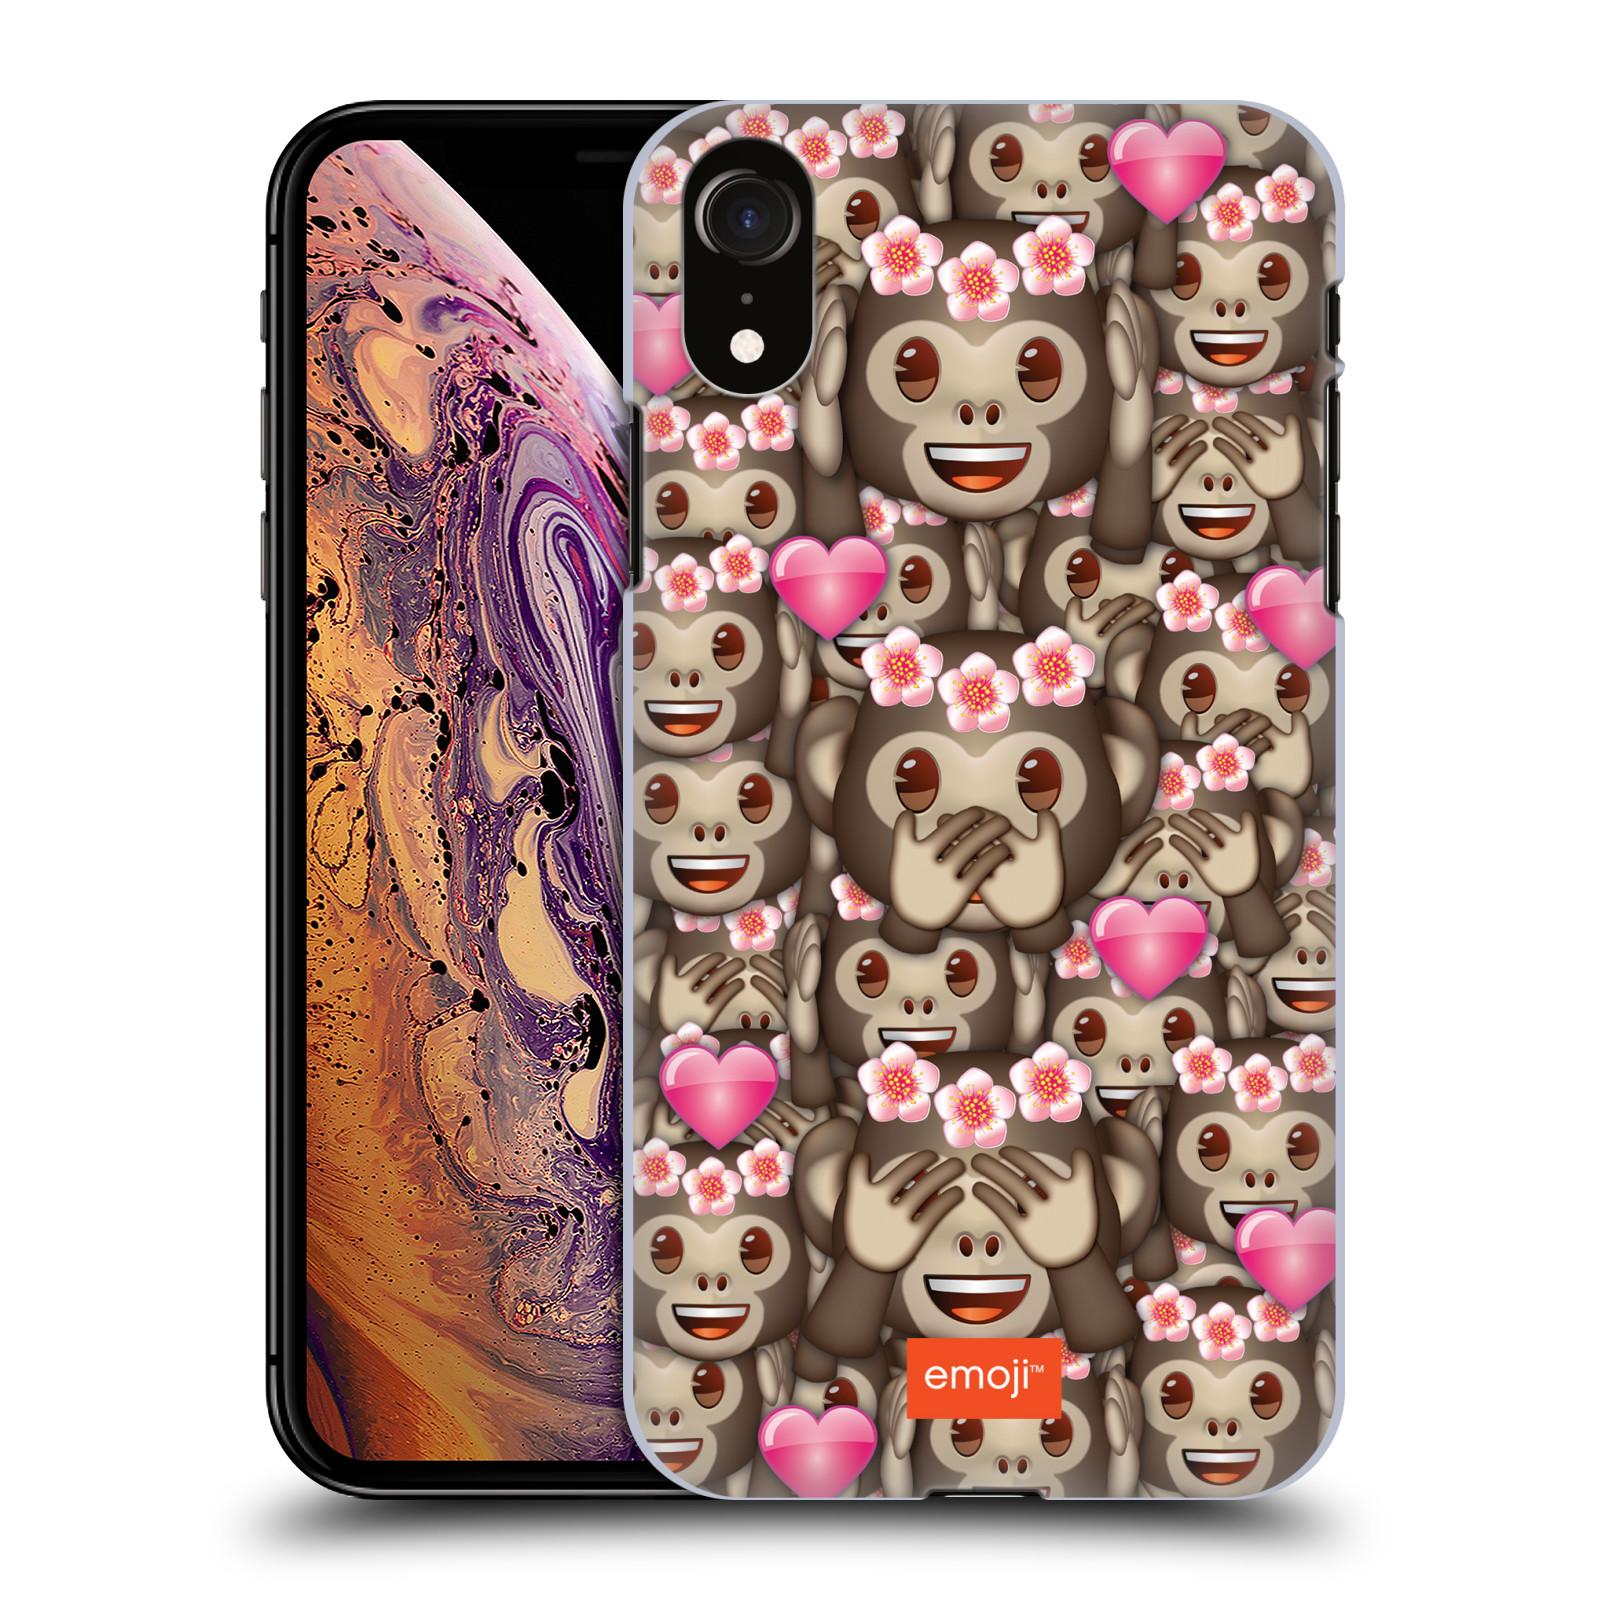 Plastové pouzdro na mobil Apple iPhone XR - Head Case - EMOJI - Opičky, srdíčka a kytičky